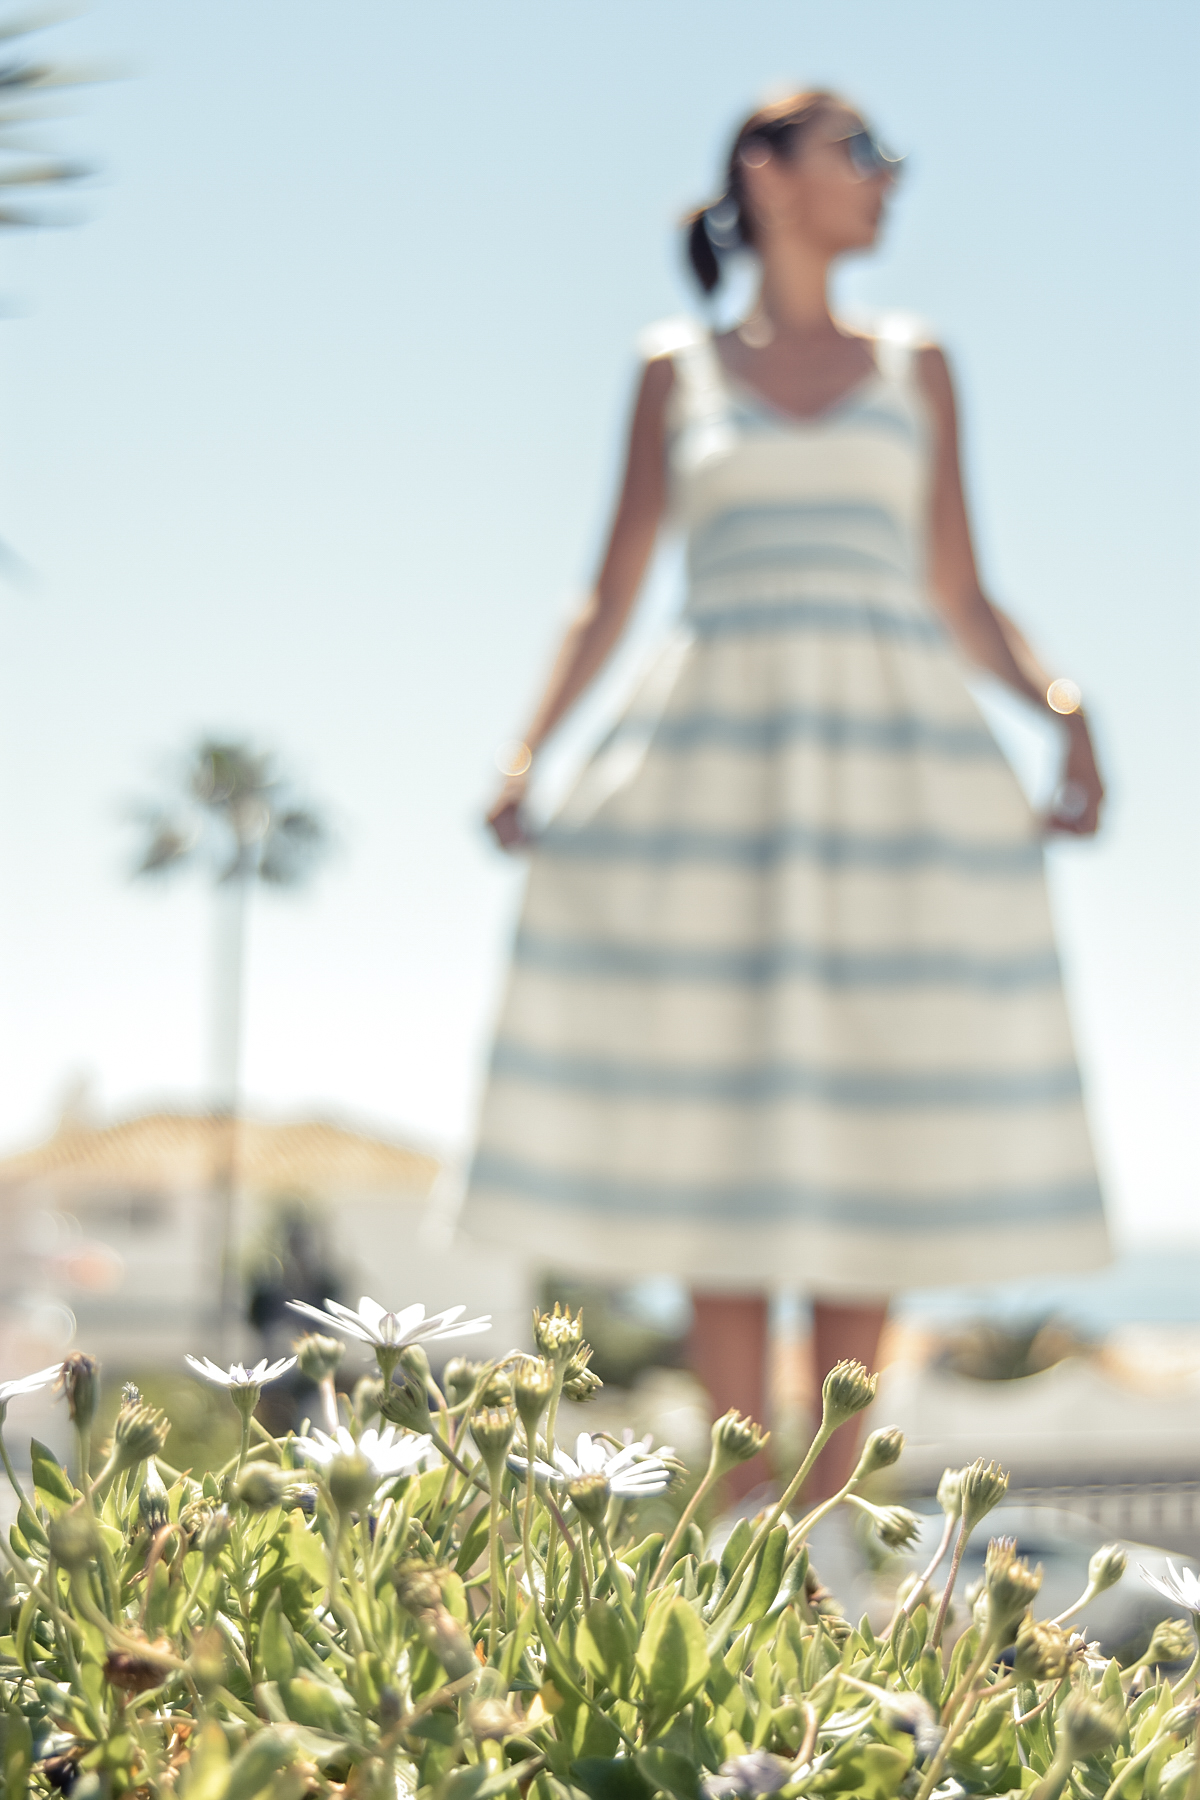 5-el-blog-de-silvia-vestido-rayas-azul-blanco-marbella